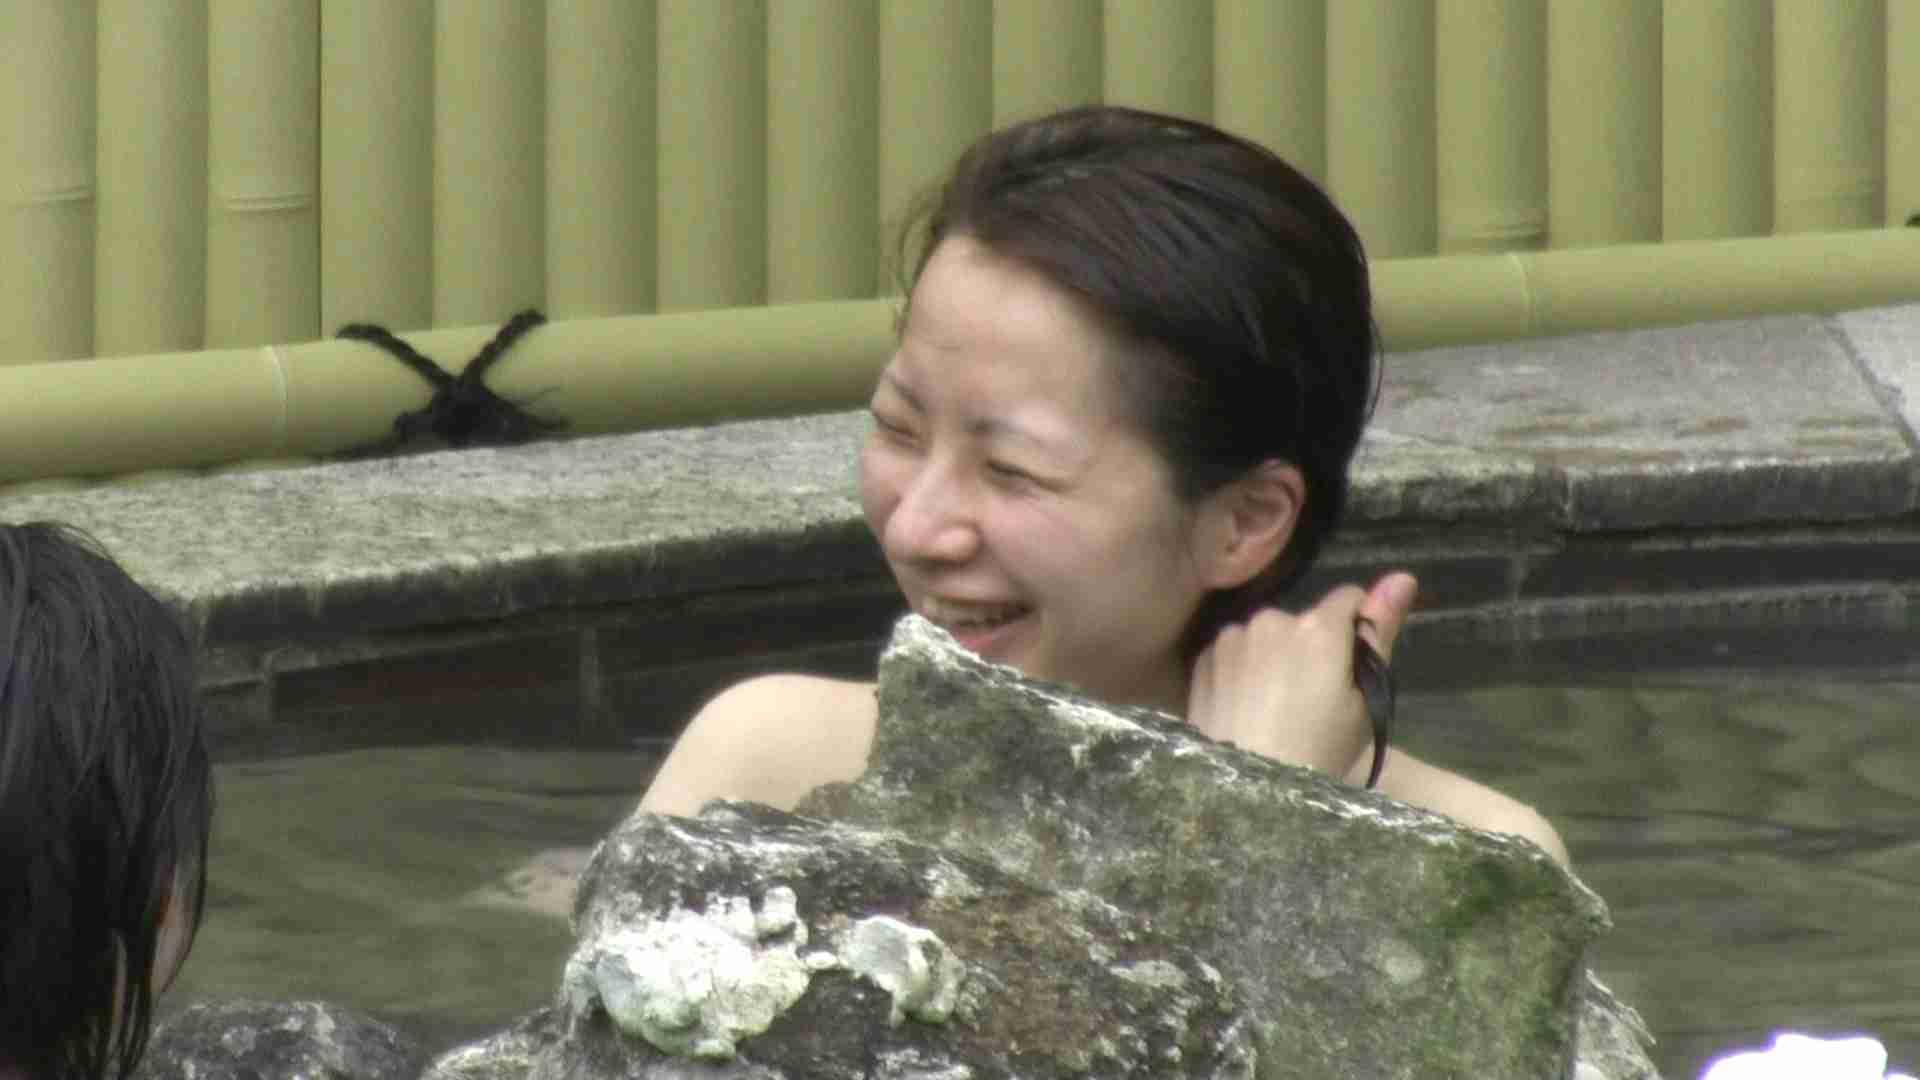 Aquaな露天風呂Vol.181 盗撮 | 露天  105pic 5